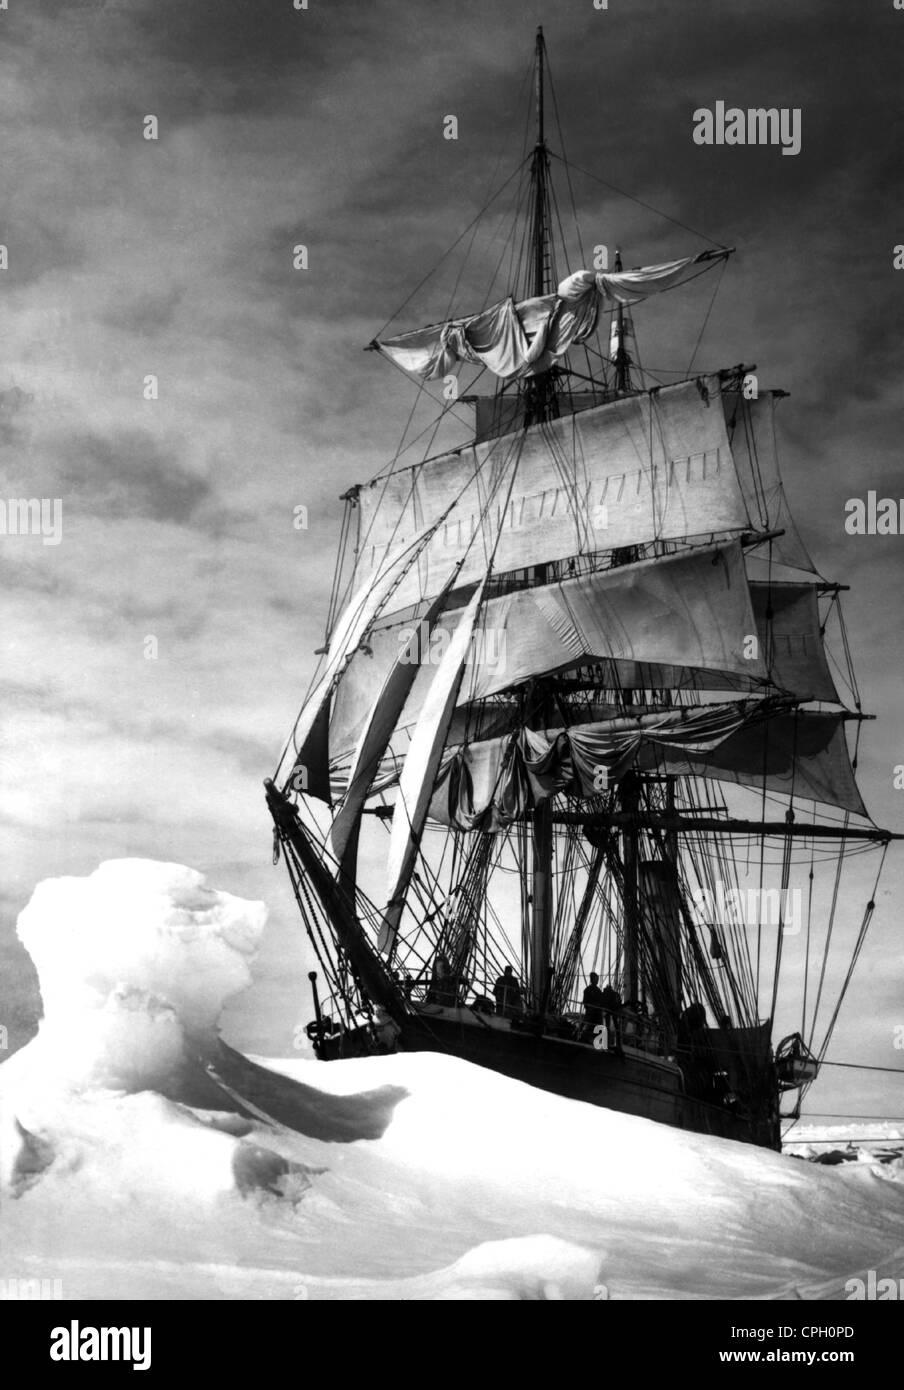 Scott, Robert Falcon, 6.6.1868 - 29.3.1912, l'explorateur britannique de l'Antarctique, expédition Photo Stock